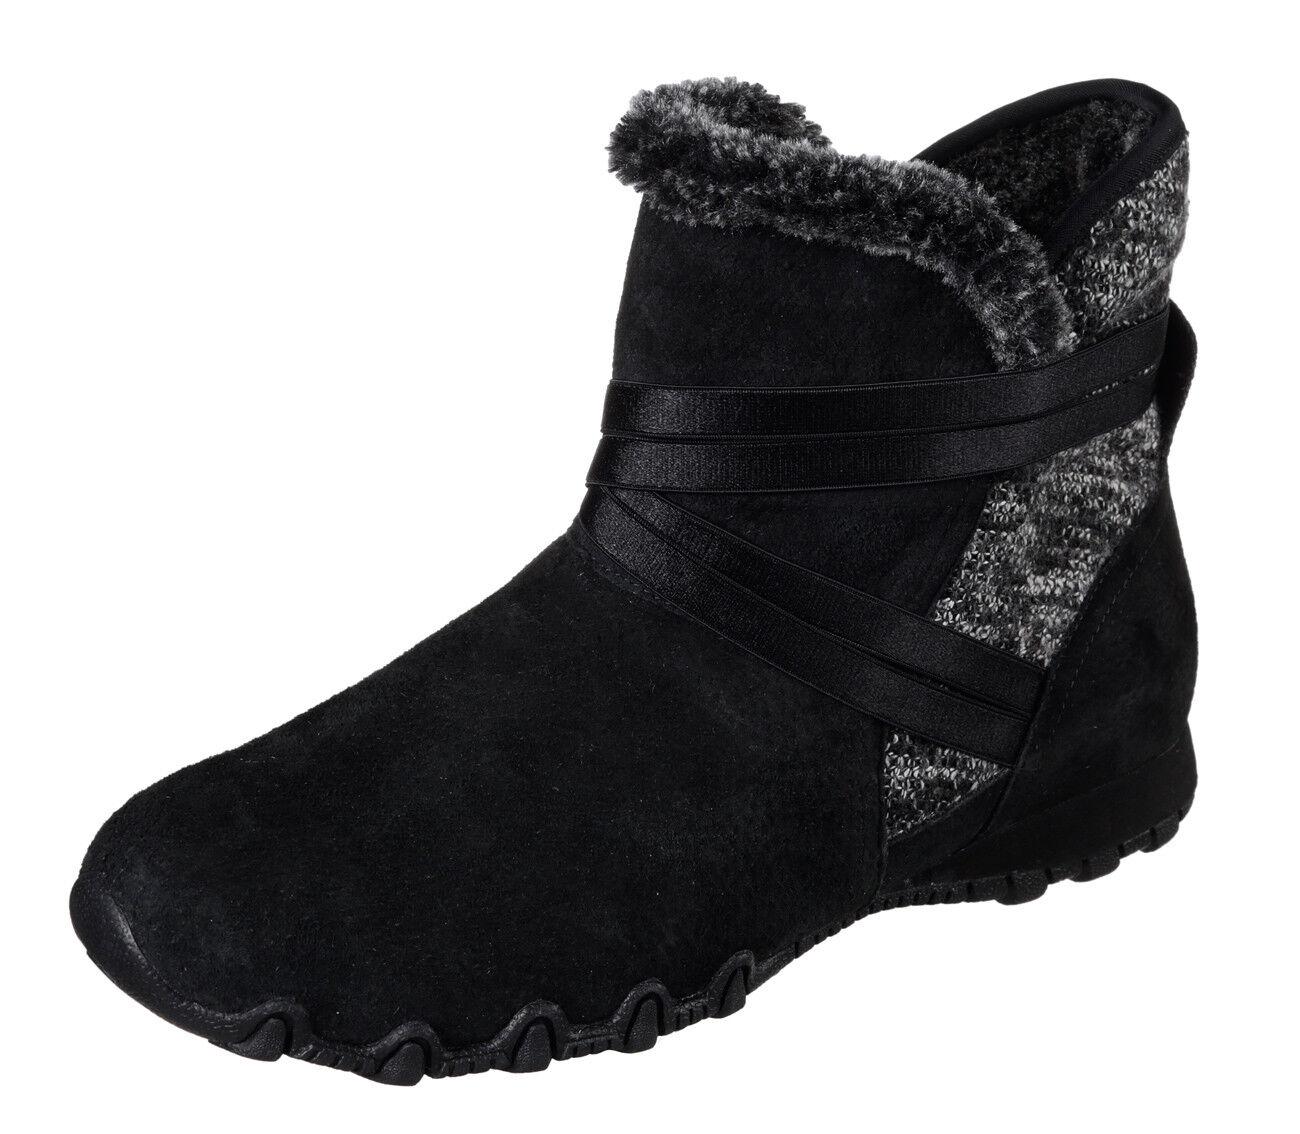 Skechers NEW Bikers Flare schwarz suede memory foam flat ankle boots Größes 3-8